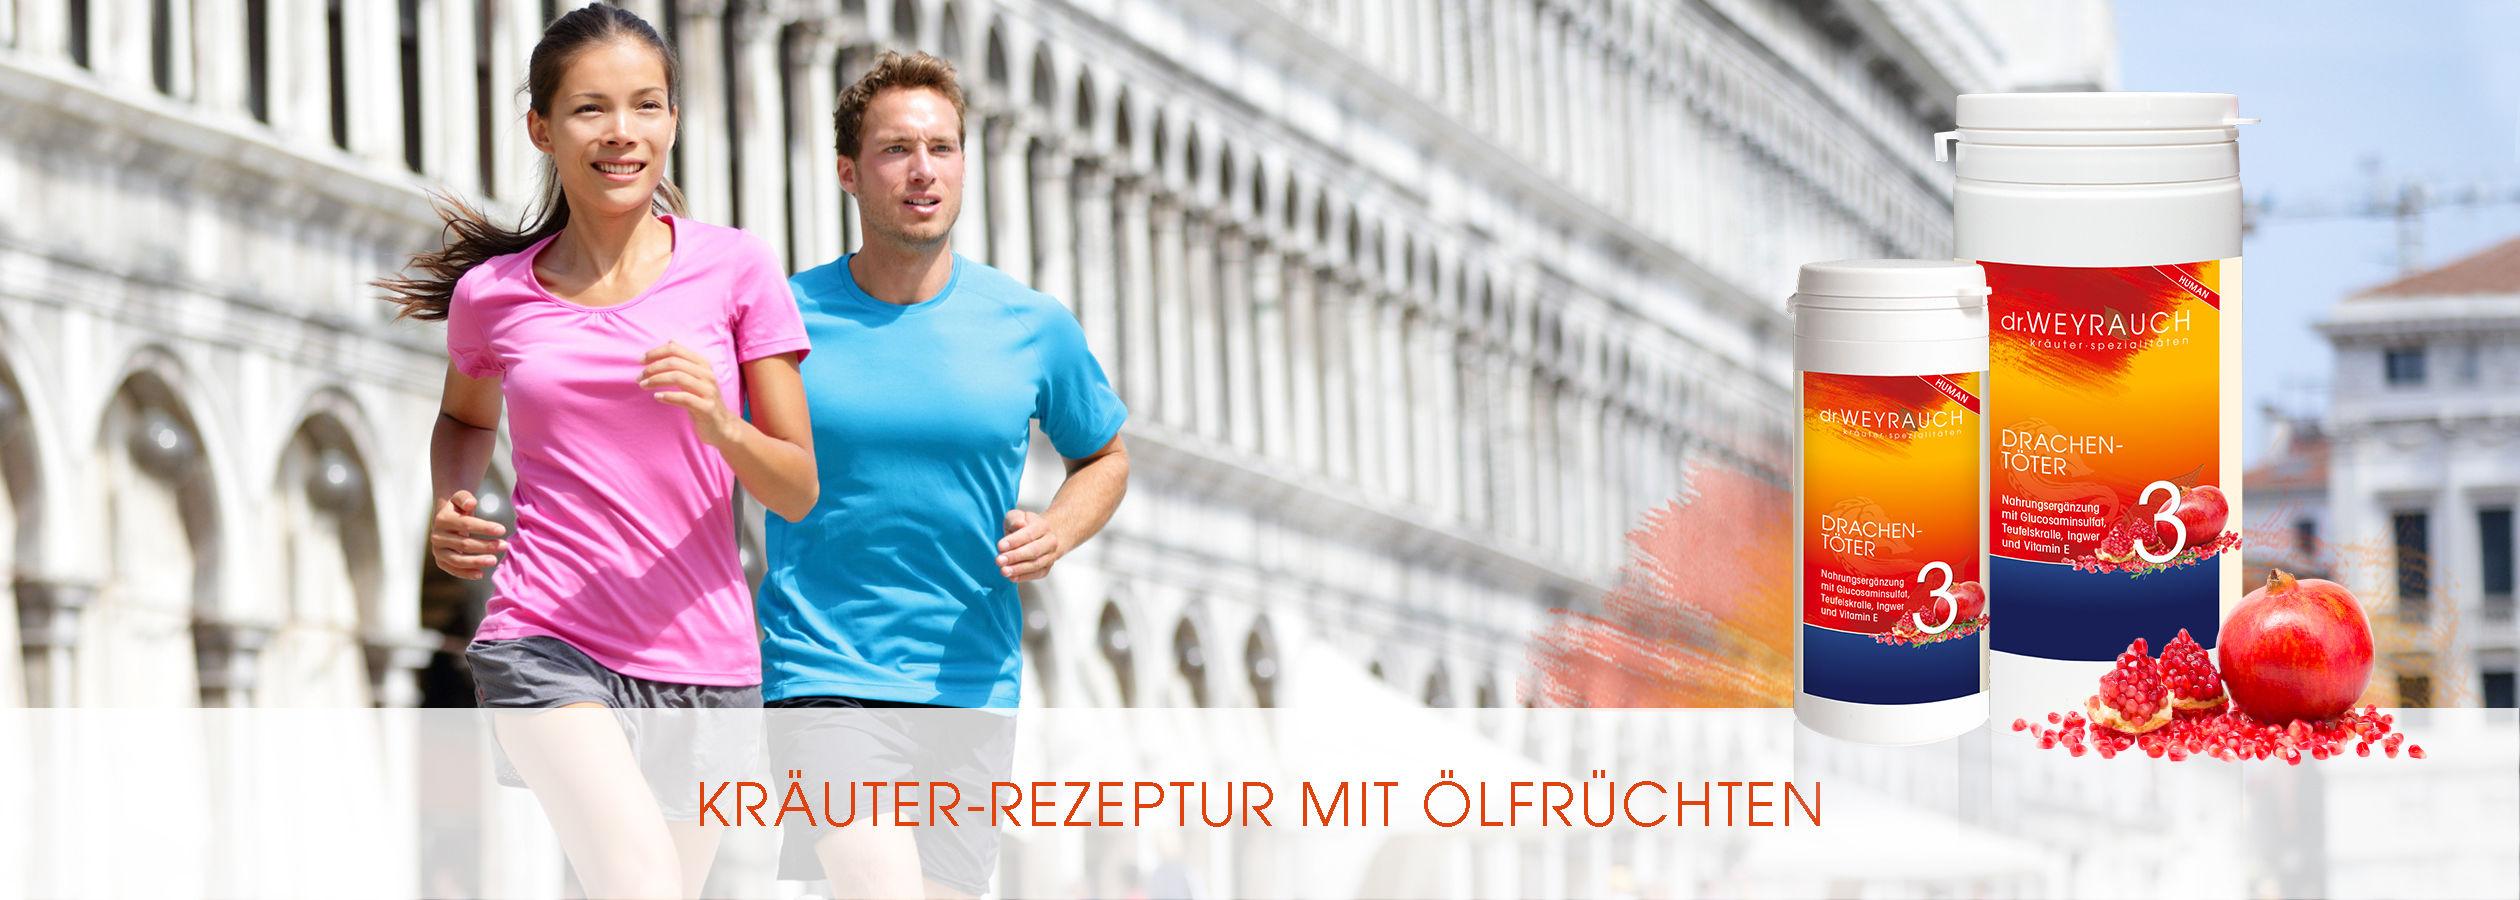 HEADER-2017-Drachent-ter-Human